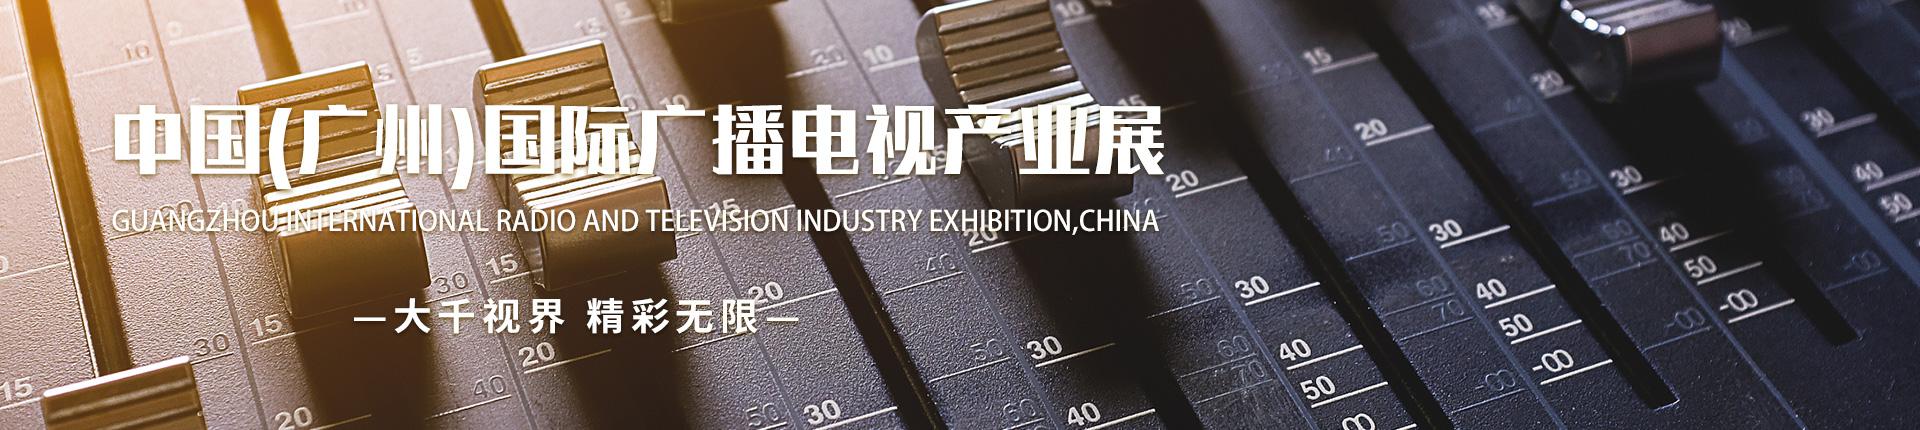 云展·中国(广州)国际广播电视产业展